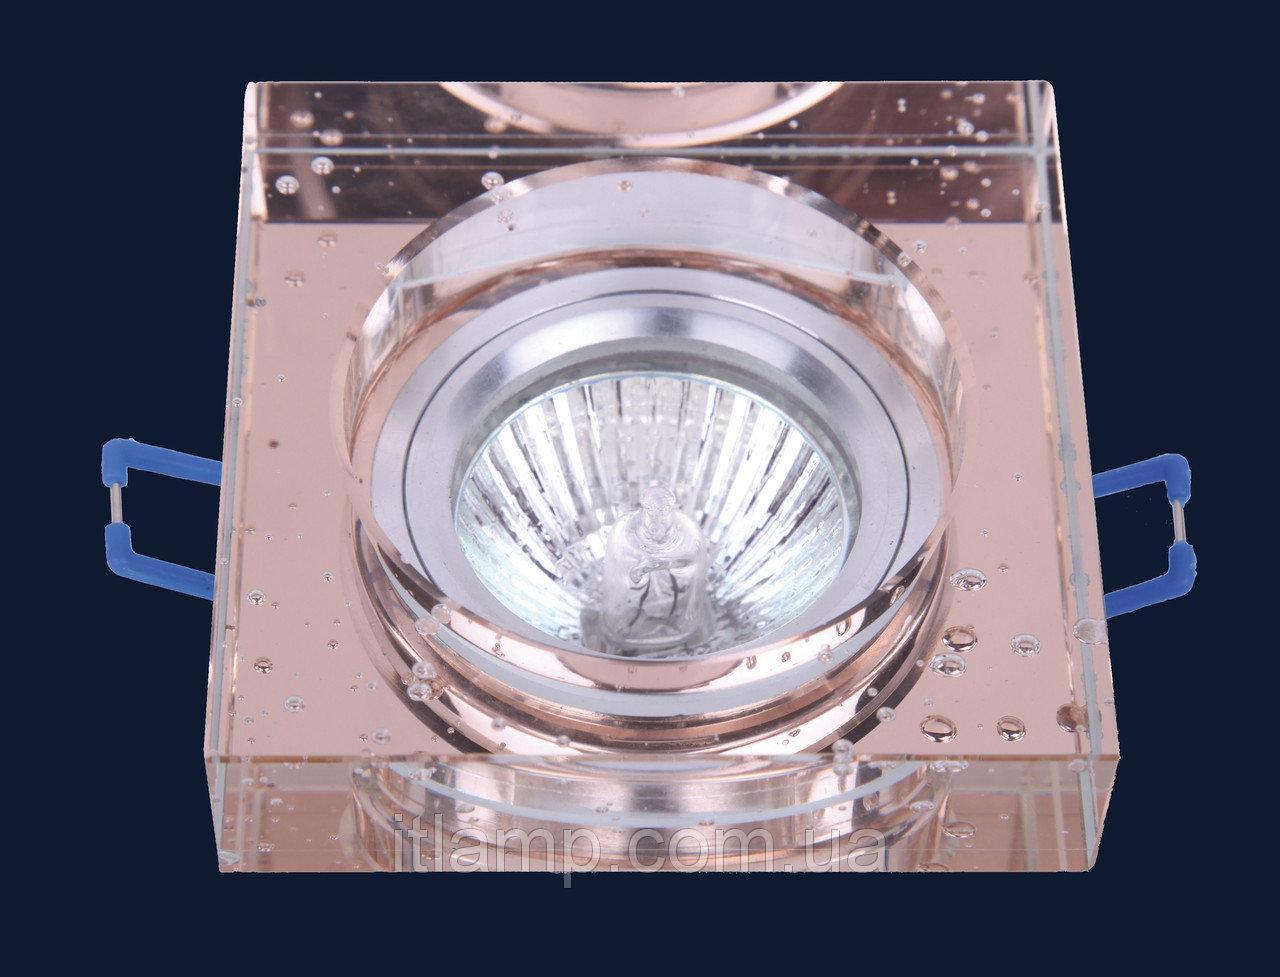 Точечные светильники врезные со стеклом Levistella 705179